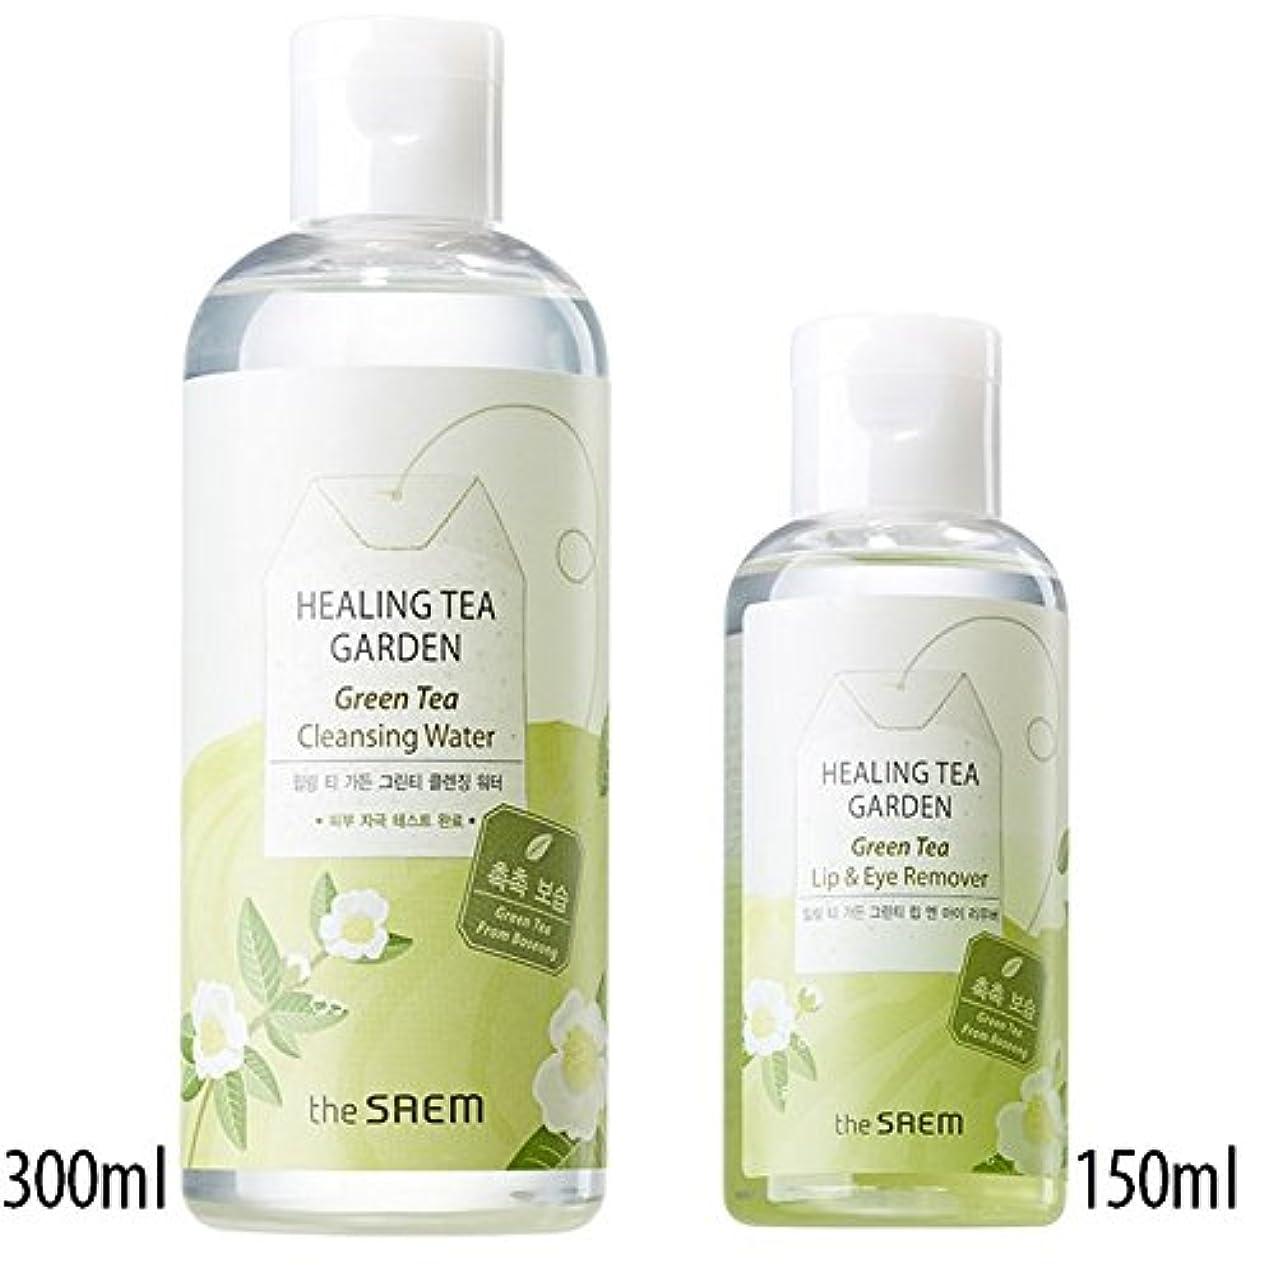 巨大な漁師サンプル[1+1] The Saem Green Tea (Lip & Eye Remover + Cleansing Water)ザセム ヒーリングティーガーデングリーンティーリップ&アイリムーバー+ ヒー クレンジングウォーター 300mL [海外直送品] [並行輸入品]